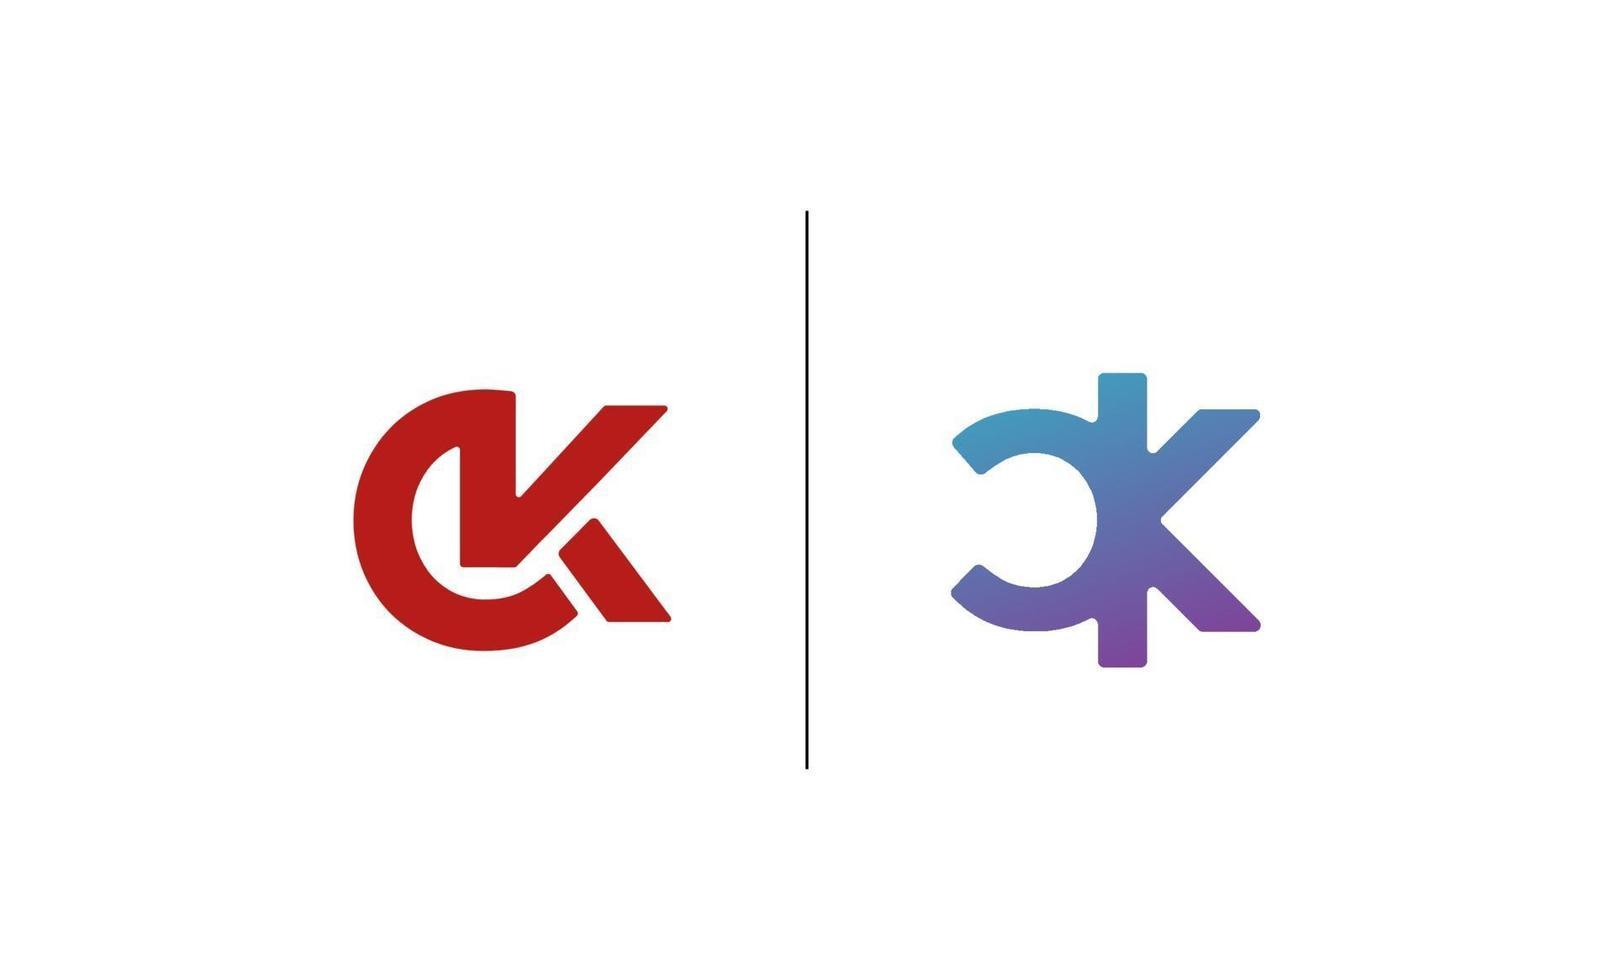 anfängliche ck, kc Logo Design Vorlage Vektor